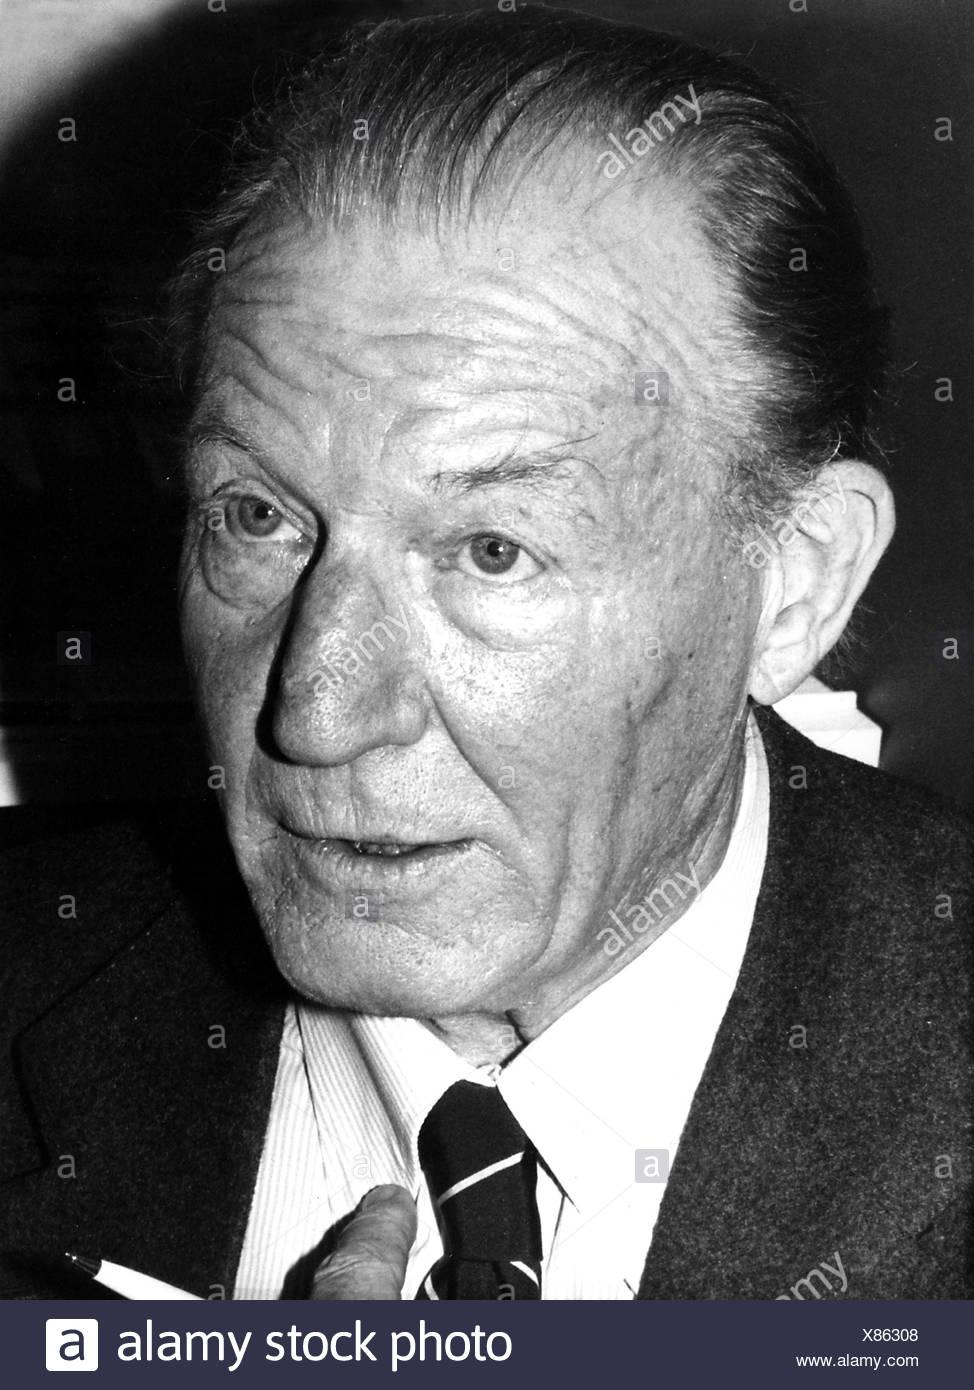 Zahn, Peter von, 29.1.1913 - 26.7.2001, German journalist, portrait, 1978, Additional-Rights-Clearances-NA Stock Photo